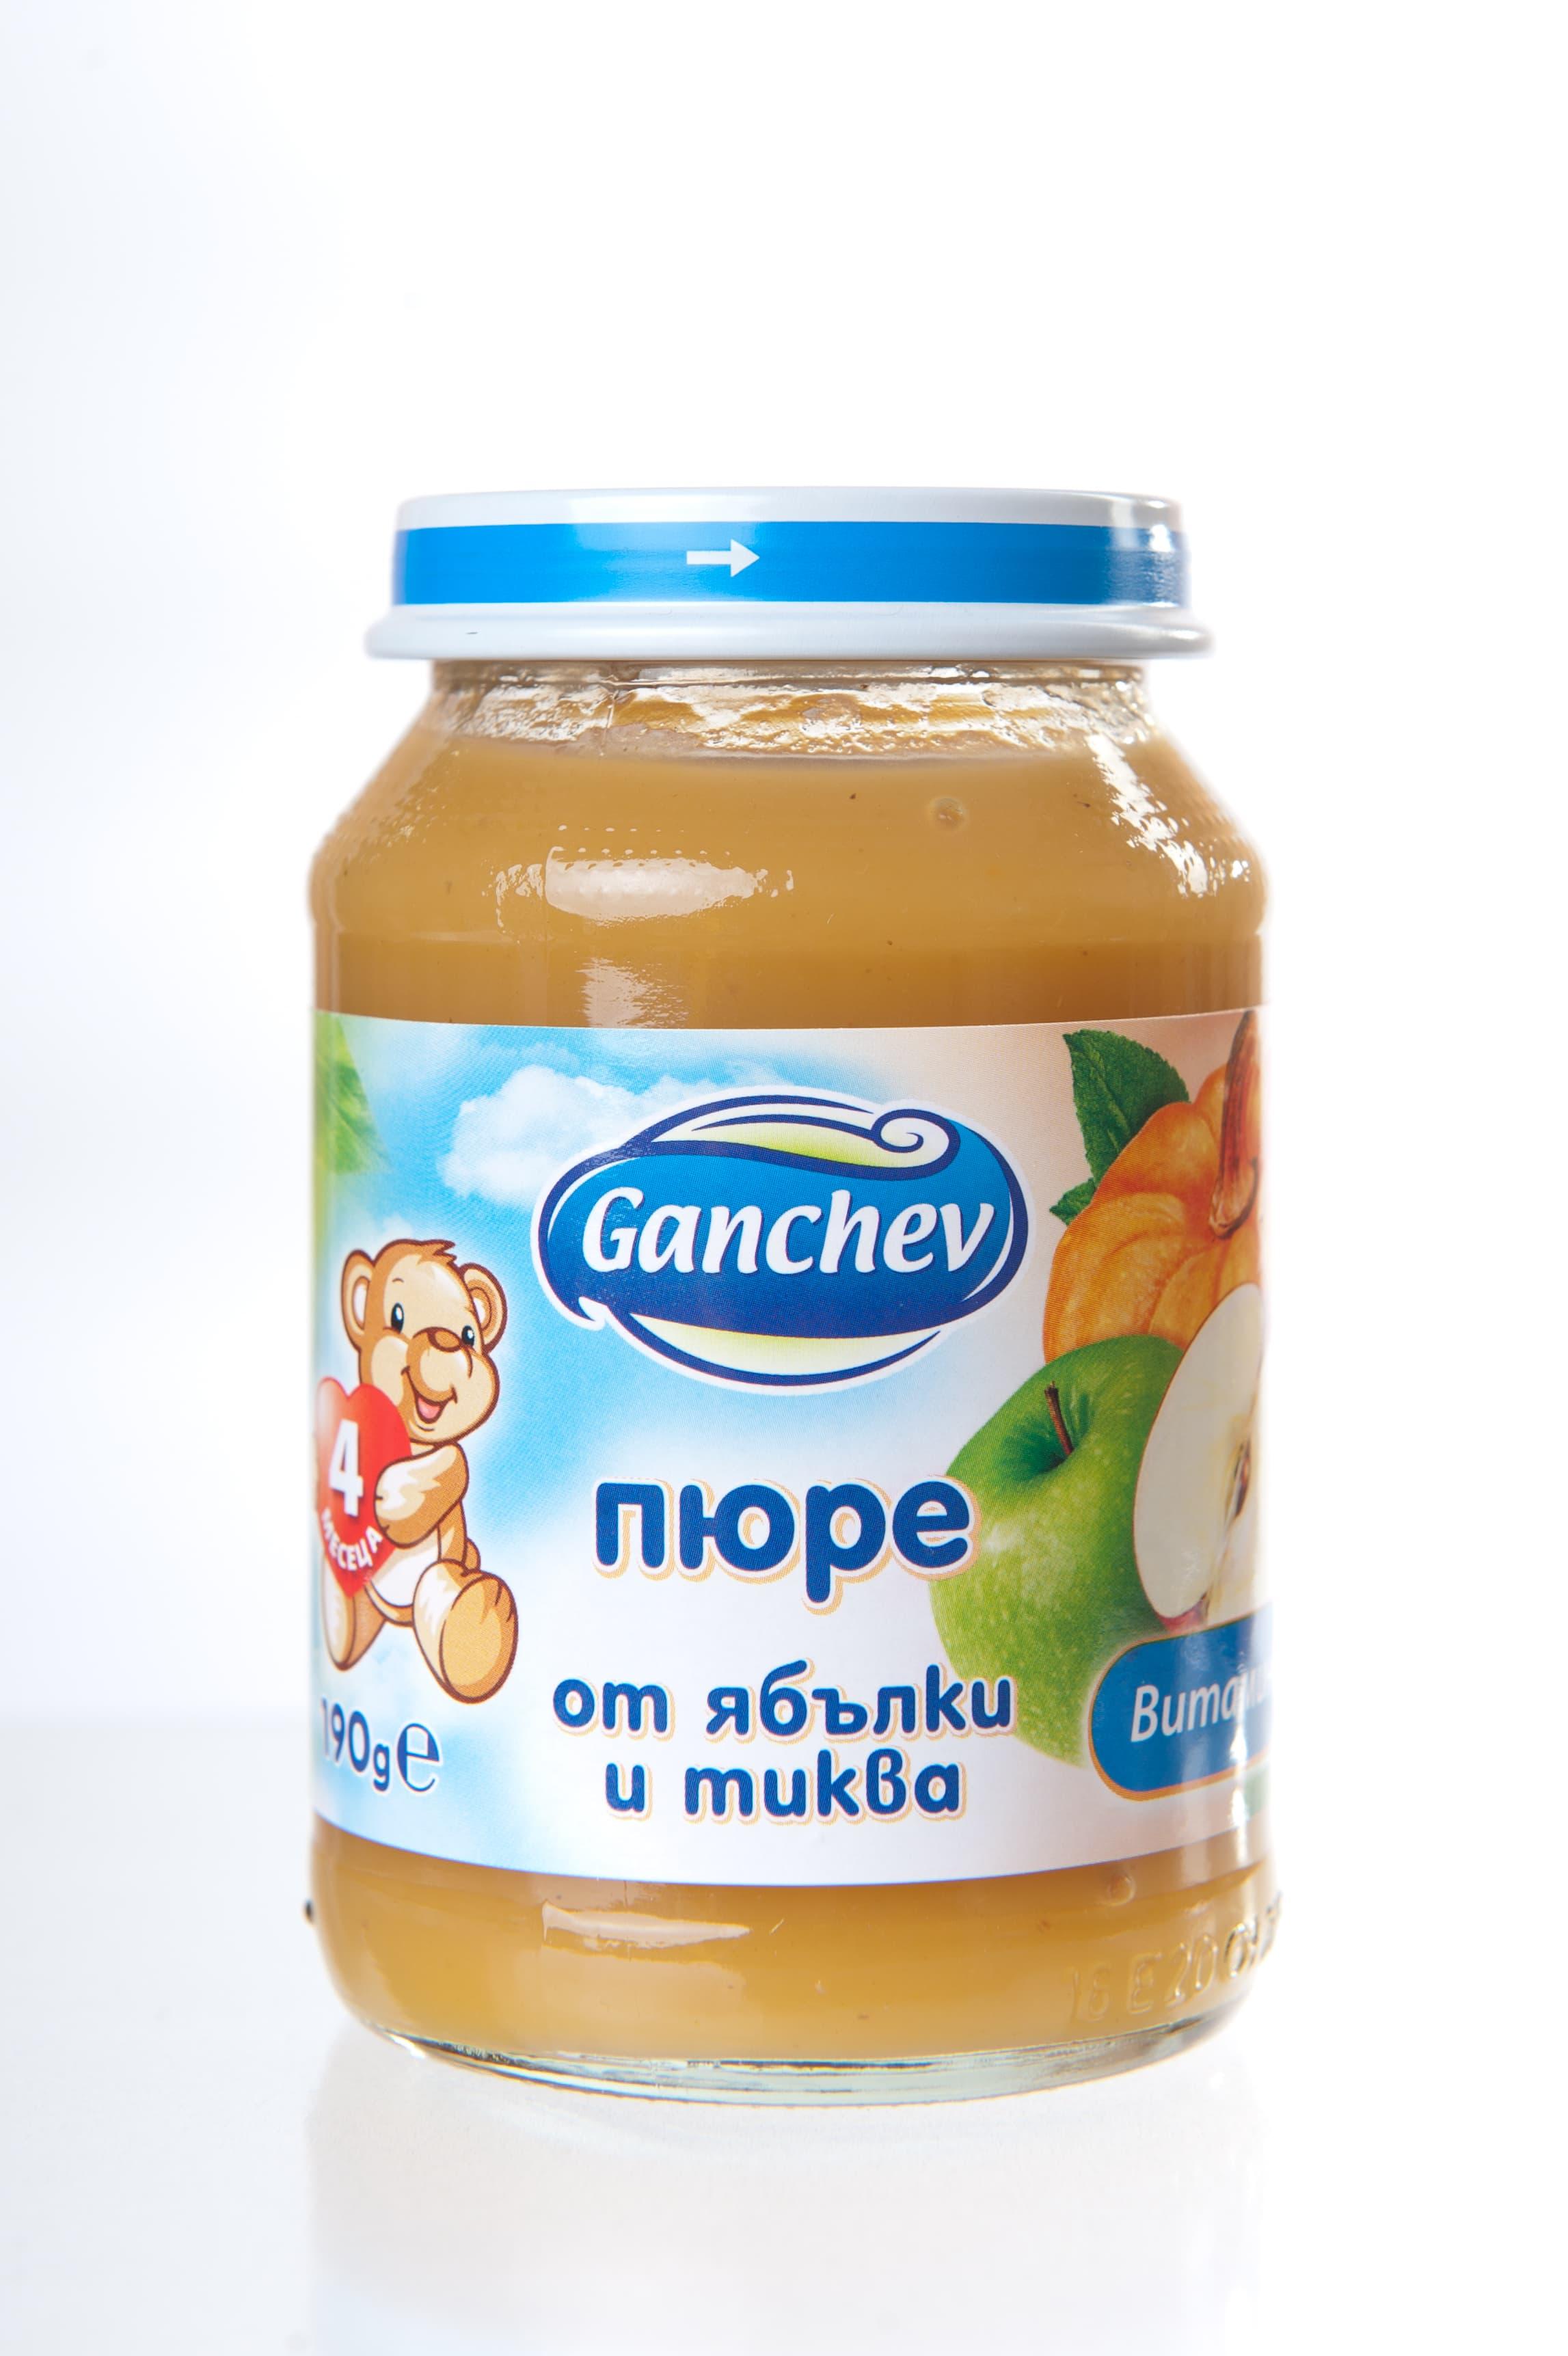 Ganchev-пюре ябълки и тиква 4м+190гр